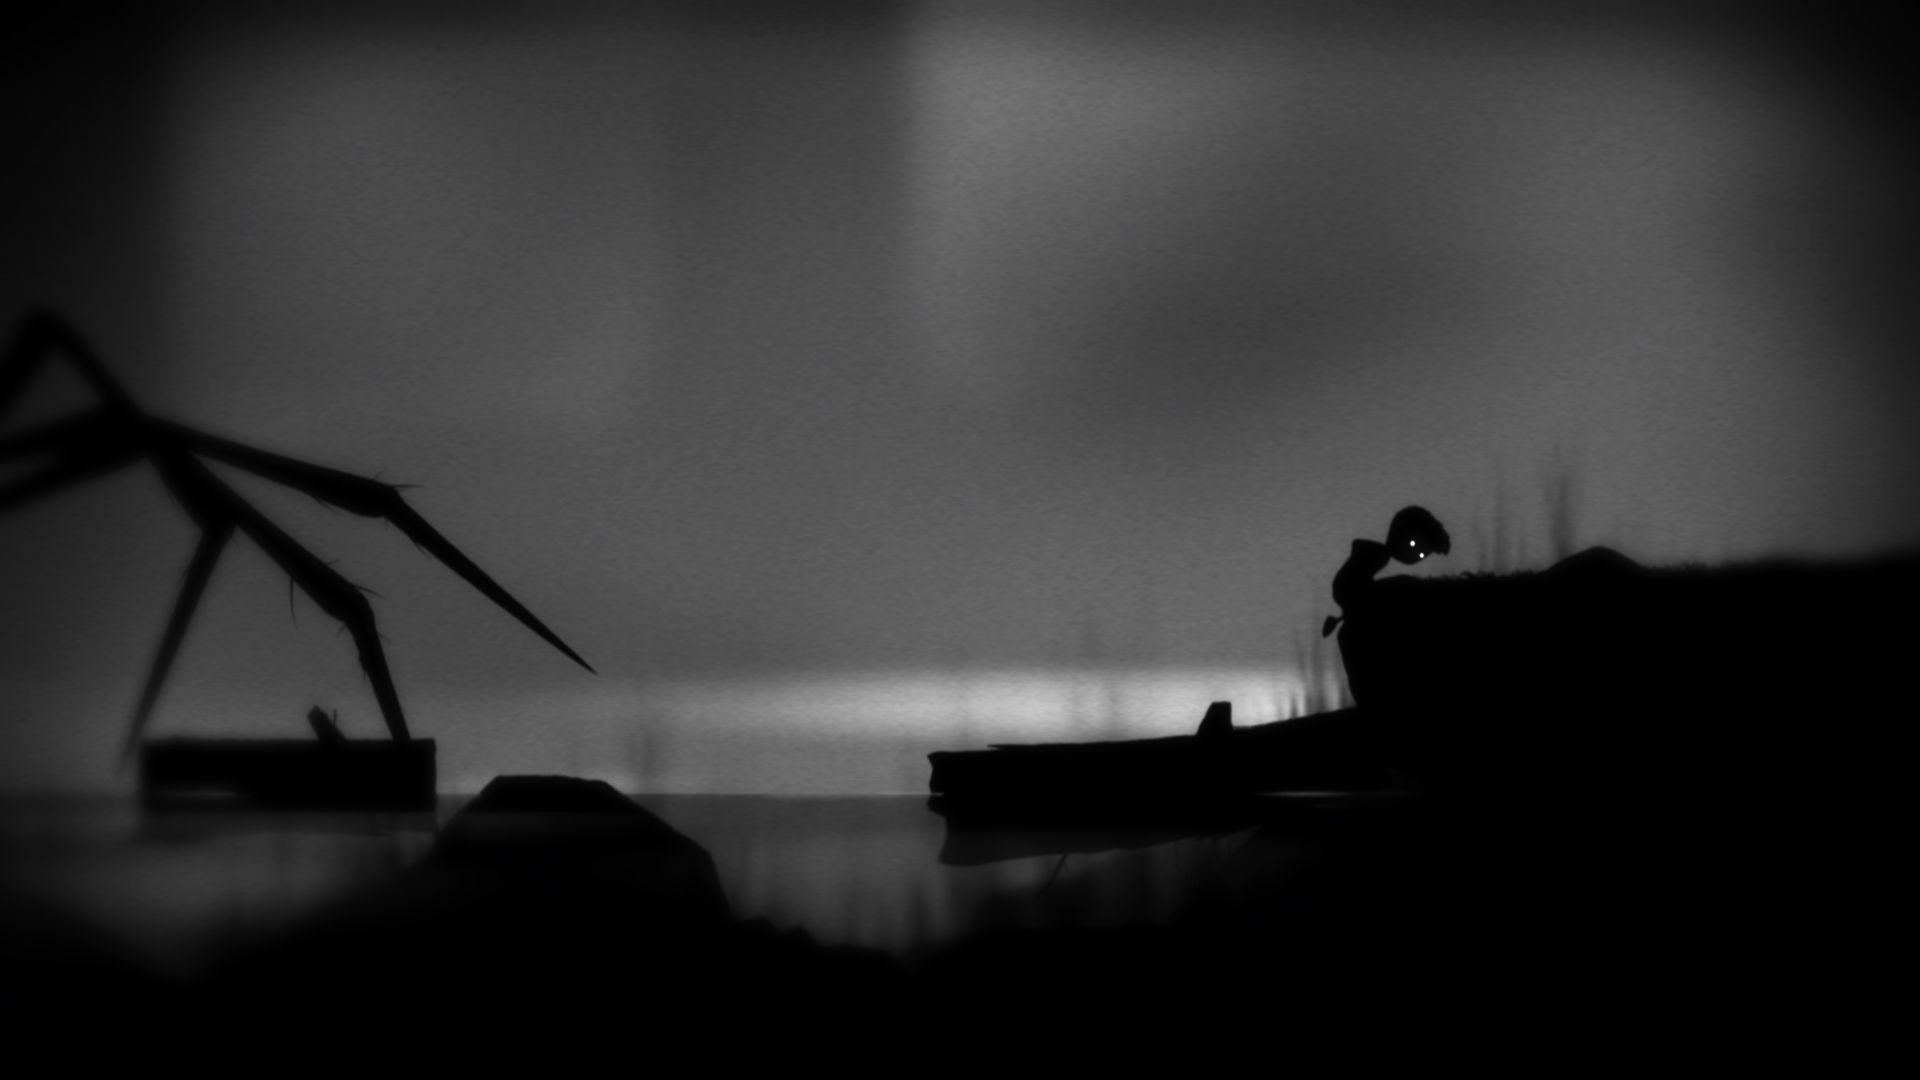 《火炬之光》加入Epic喜加一 下一款是《Limbo》